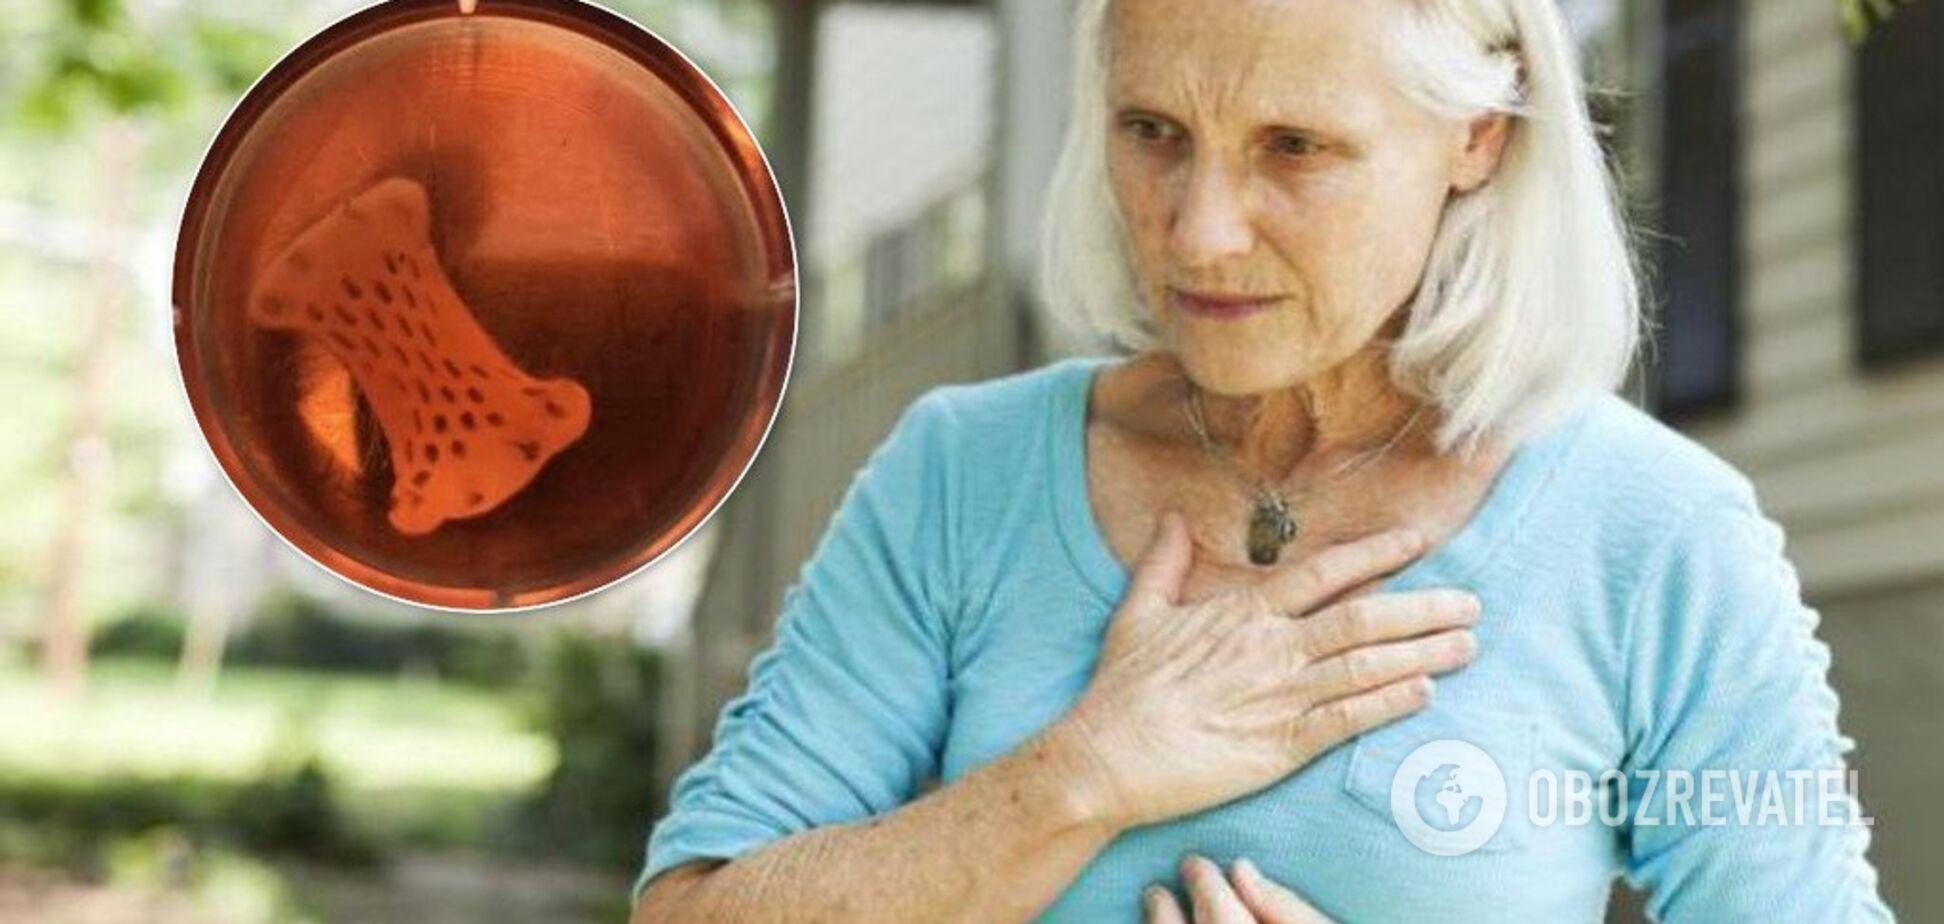 'Живий пластир': учені винайшли засіб для швидкого відновлення серця